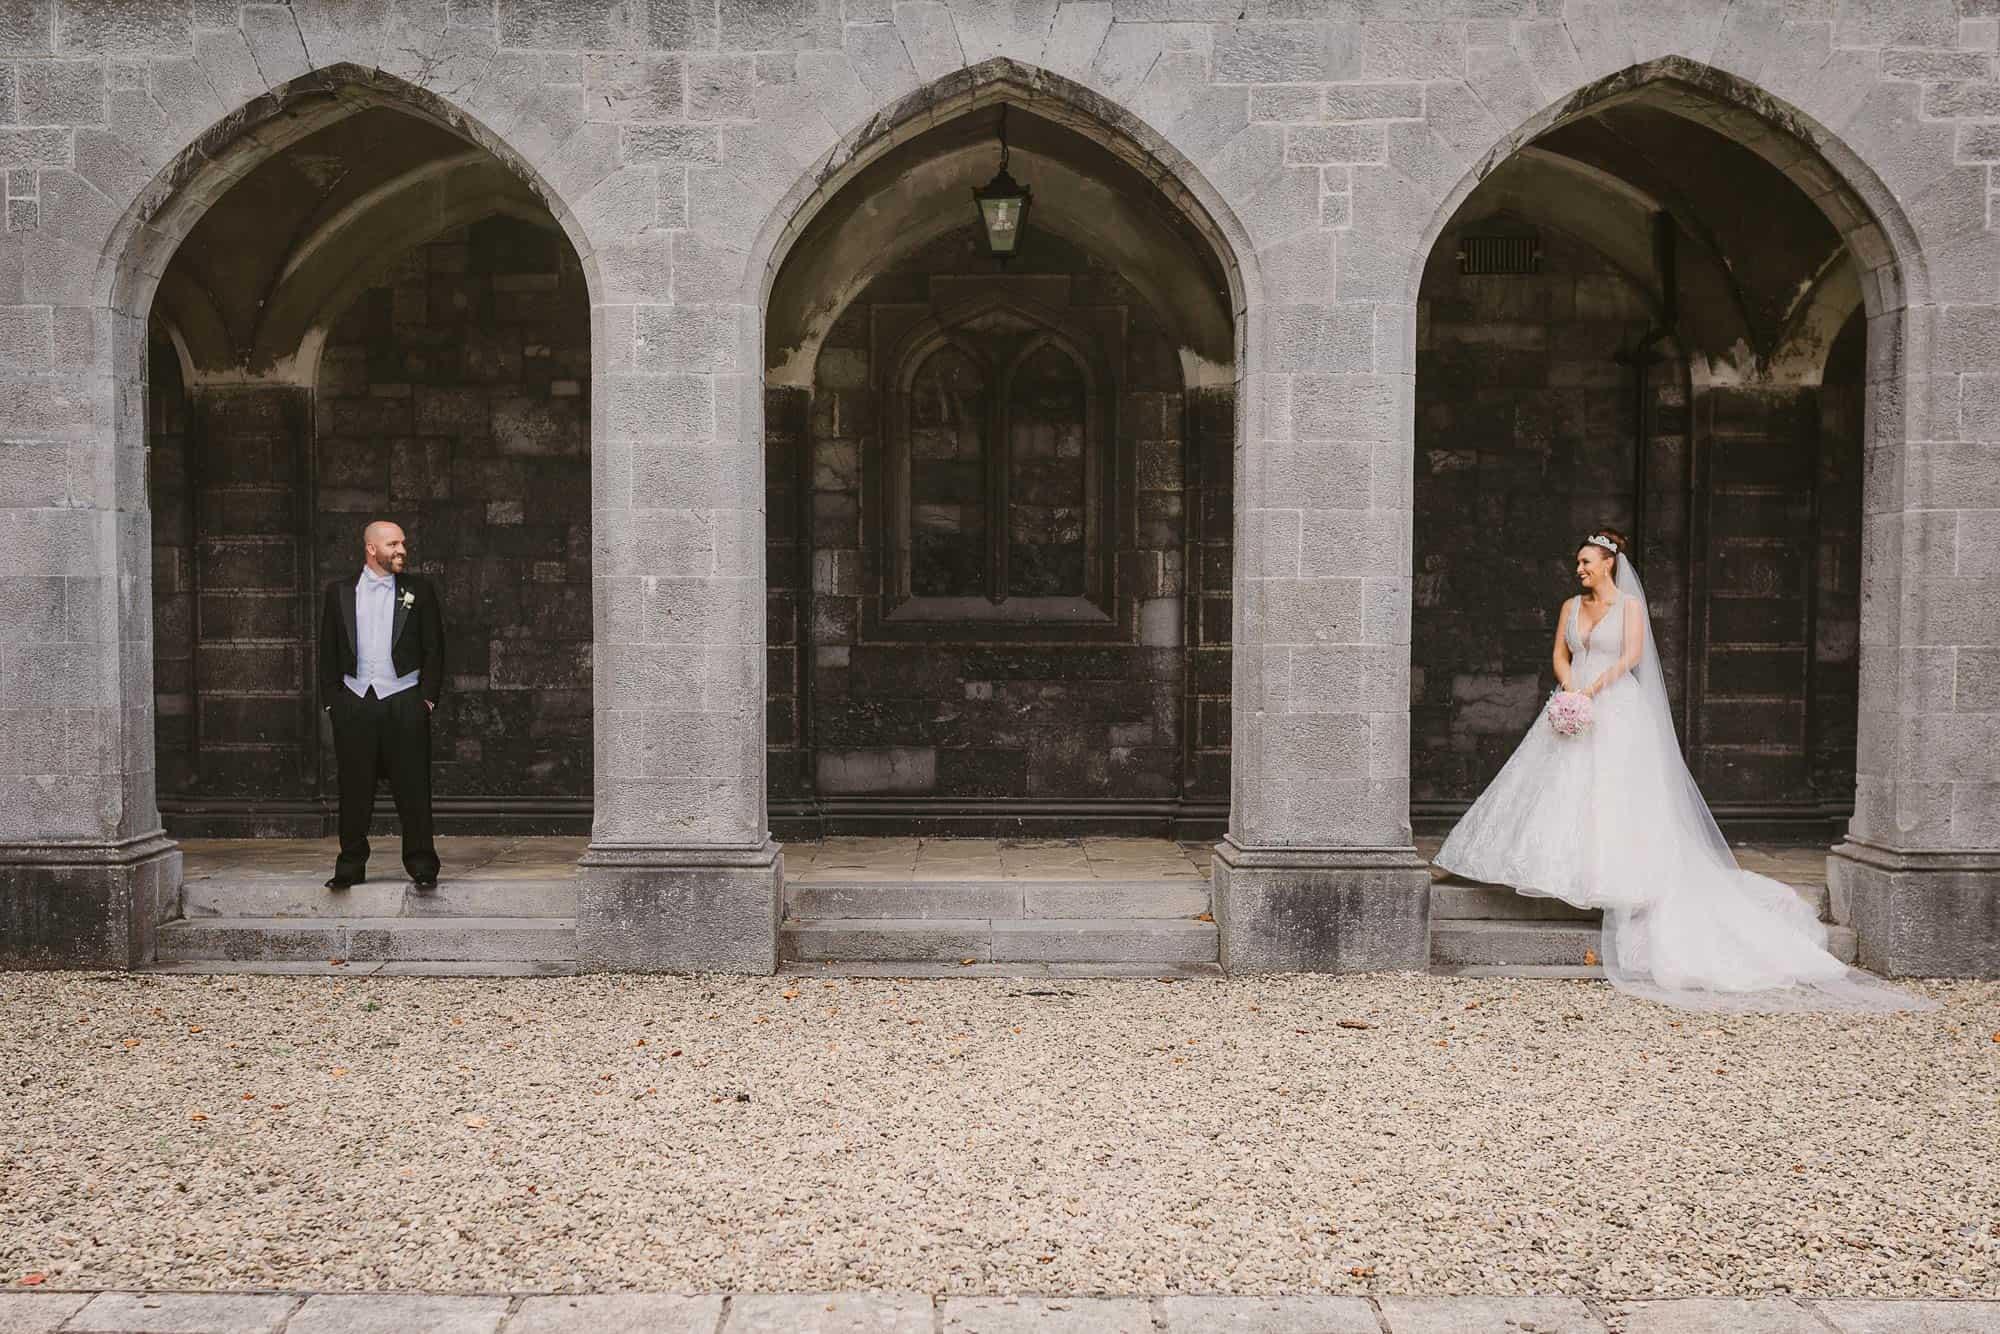 Wedding photography Ireland Couple Arches